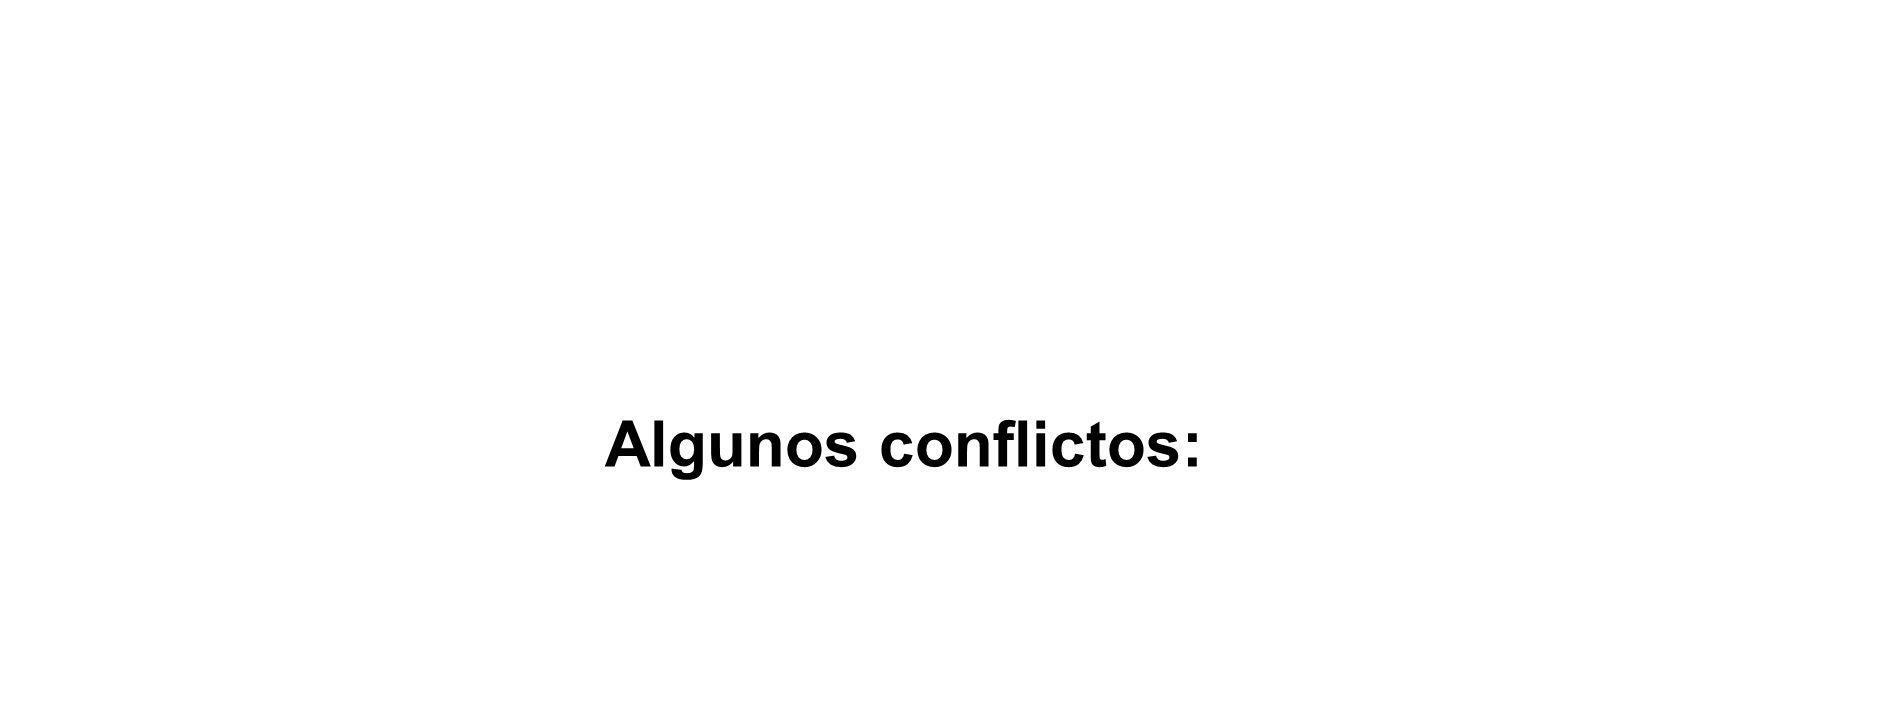 Algunos conflictos: